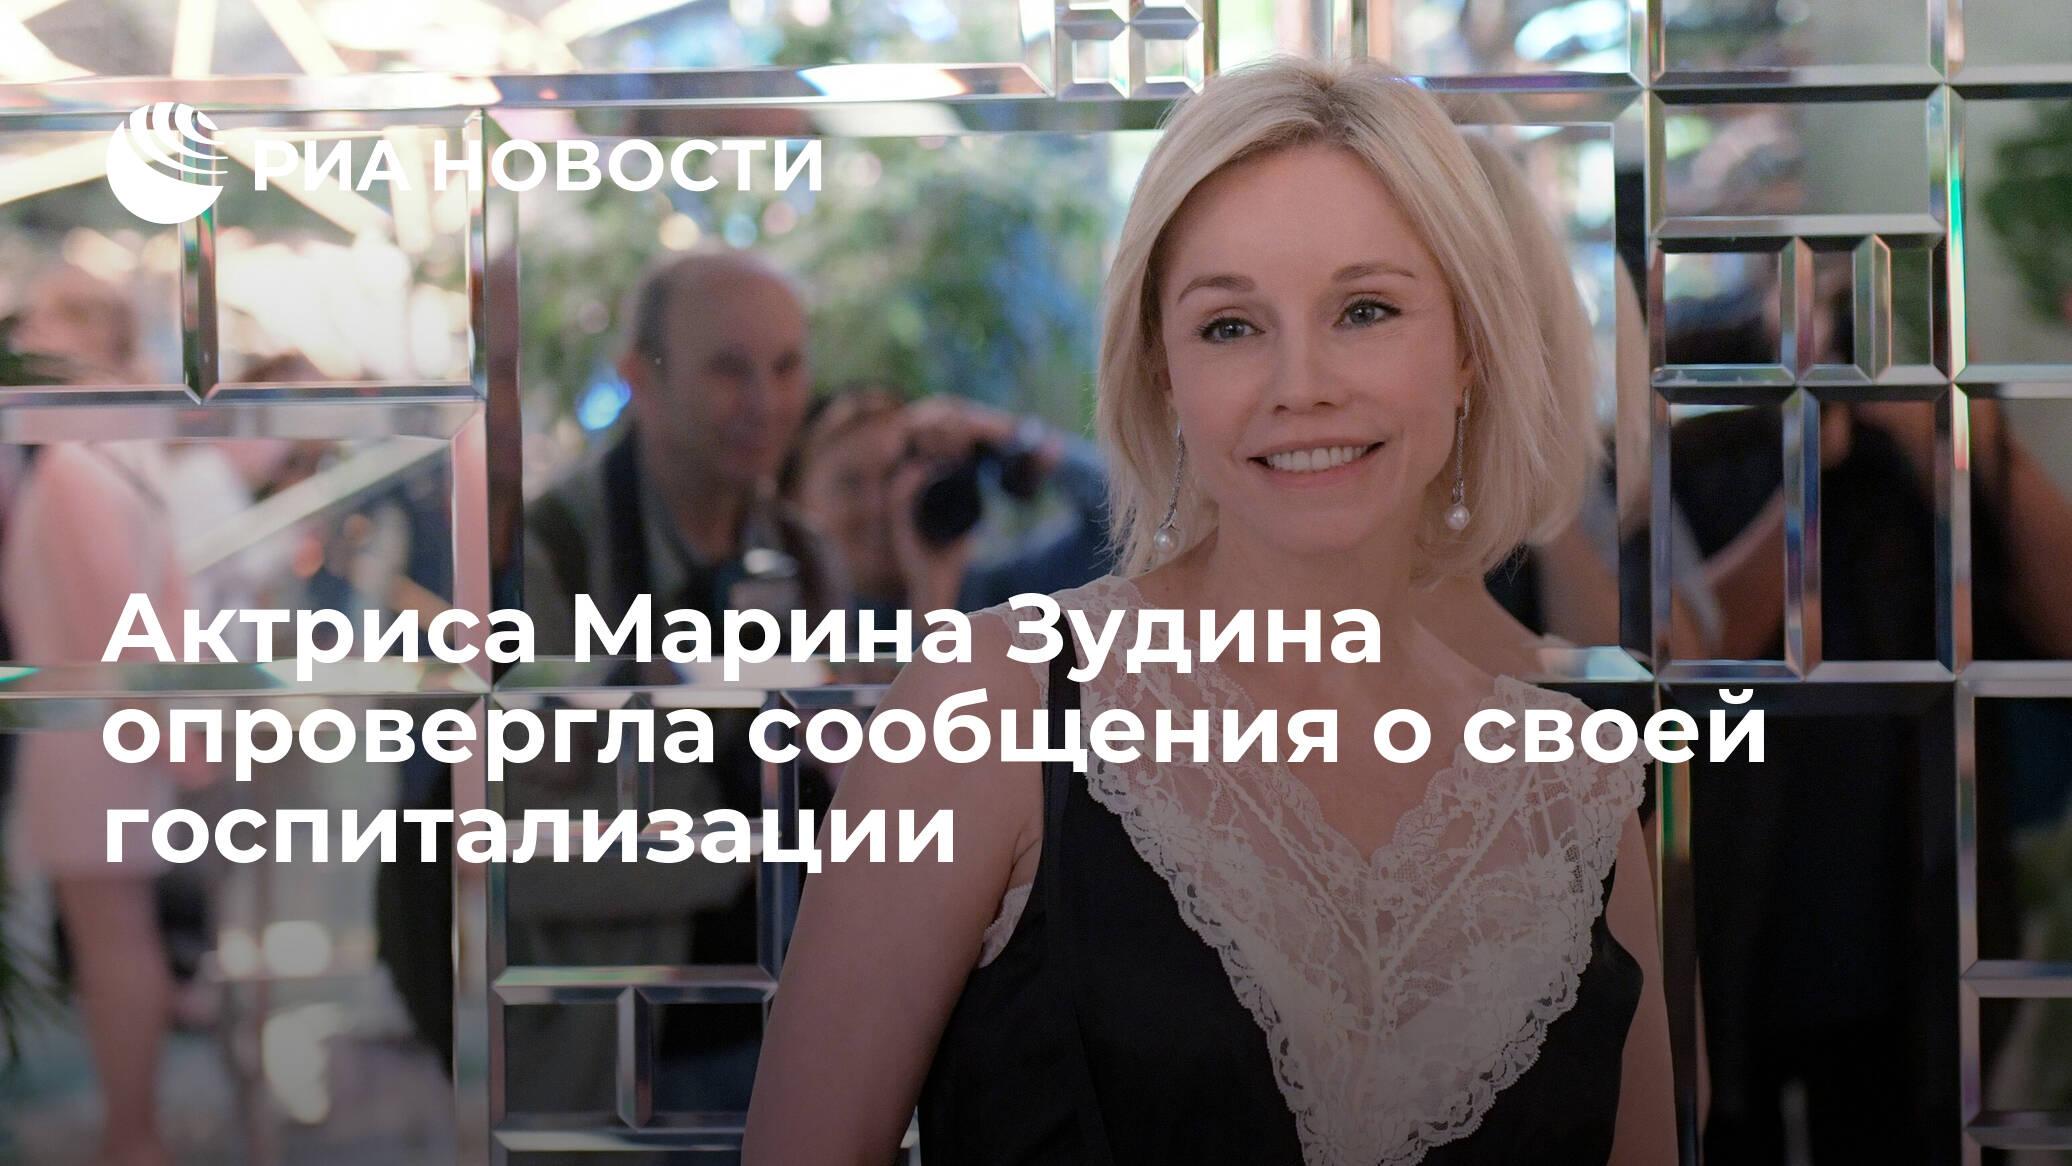 Актриса Марина Зудина опровергла сообщения о своей госпитализации